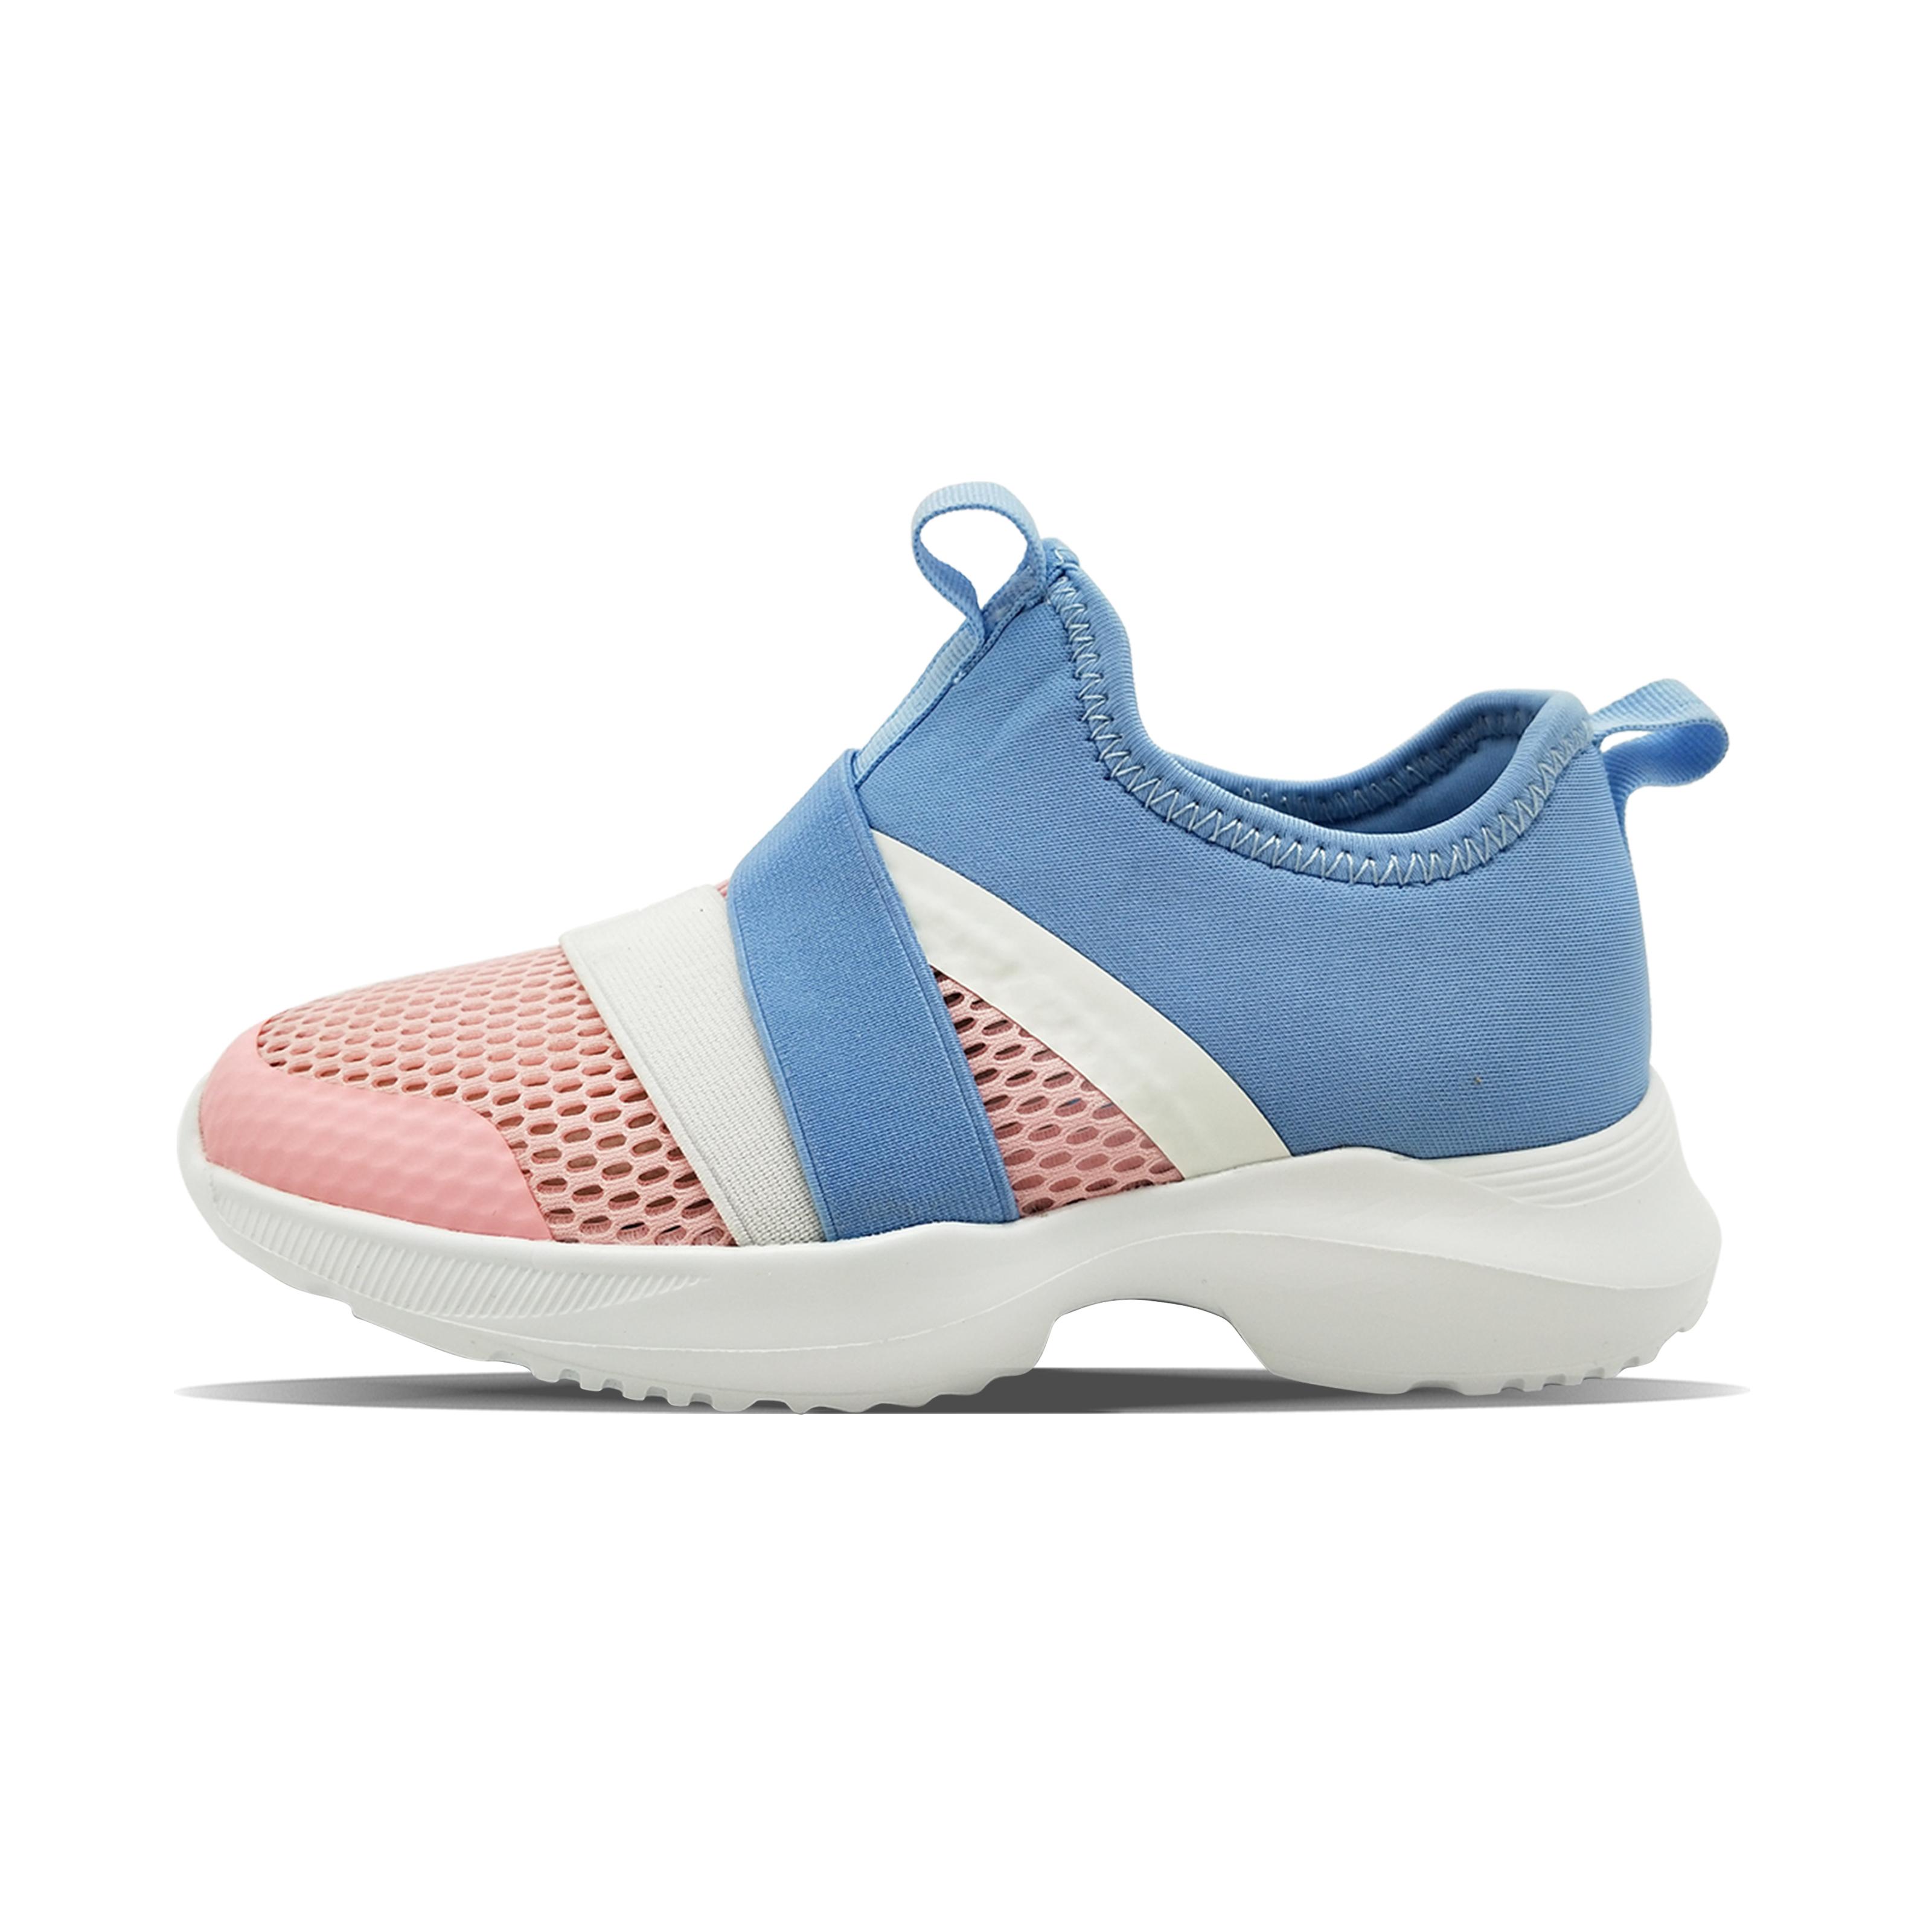 Ciccia s nastro elastico estate scarpe casual traspiranti